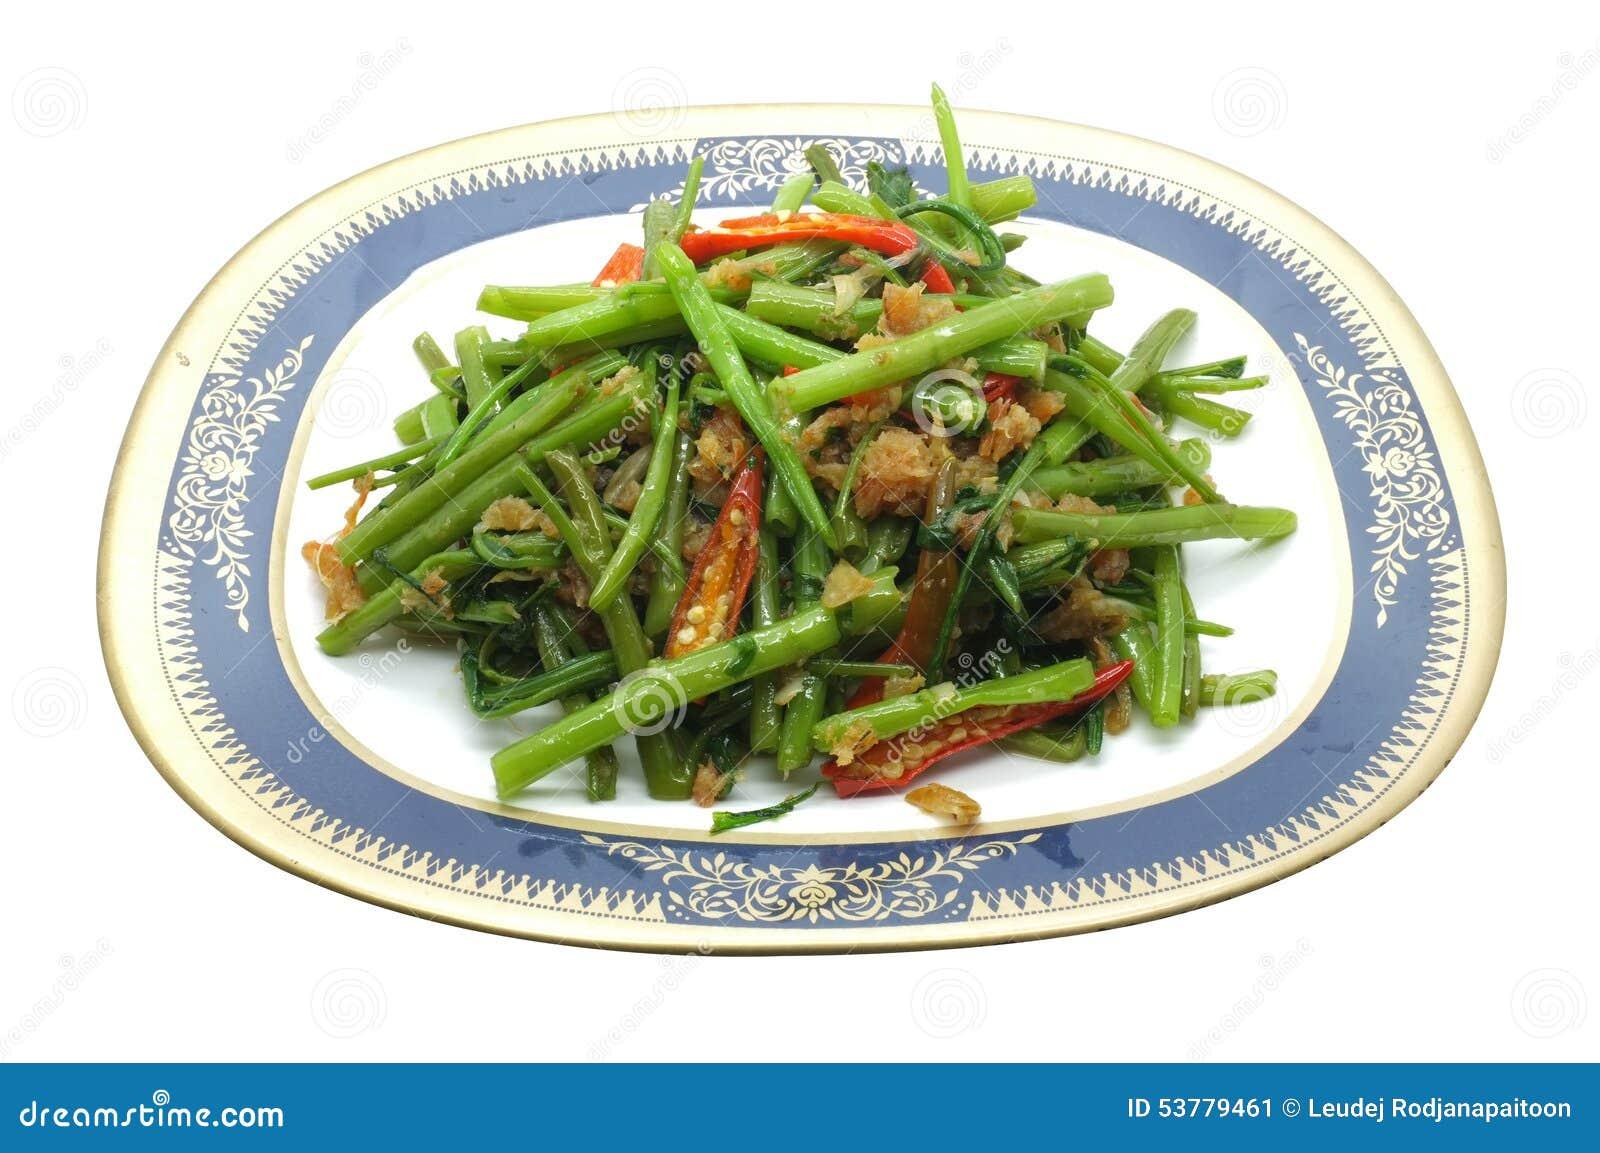 Remuez Fried Water Spinach, gloire de matin avec la crevette sèche, fruits de mer, nourriture thaïlandaise